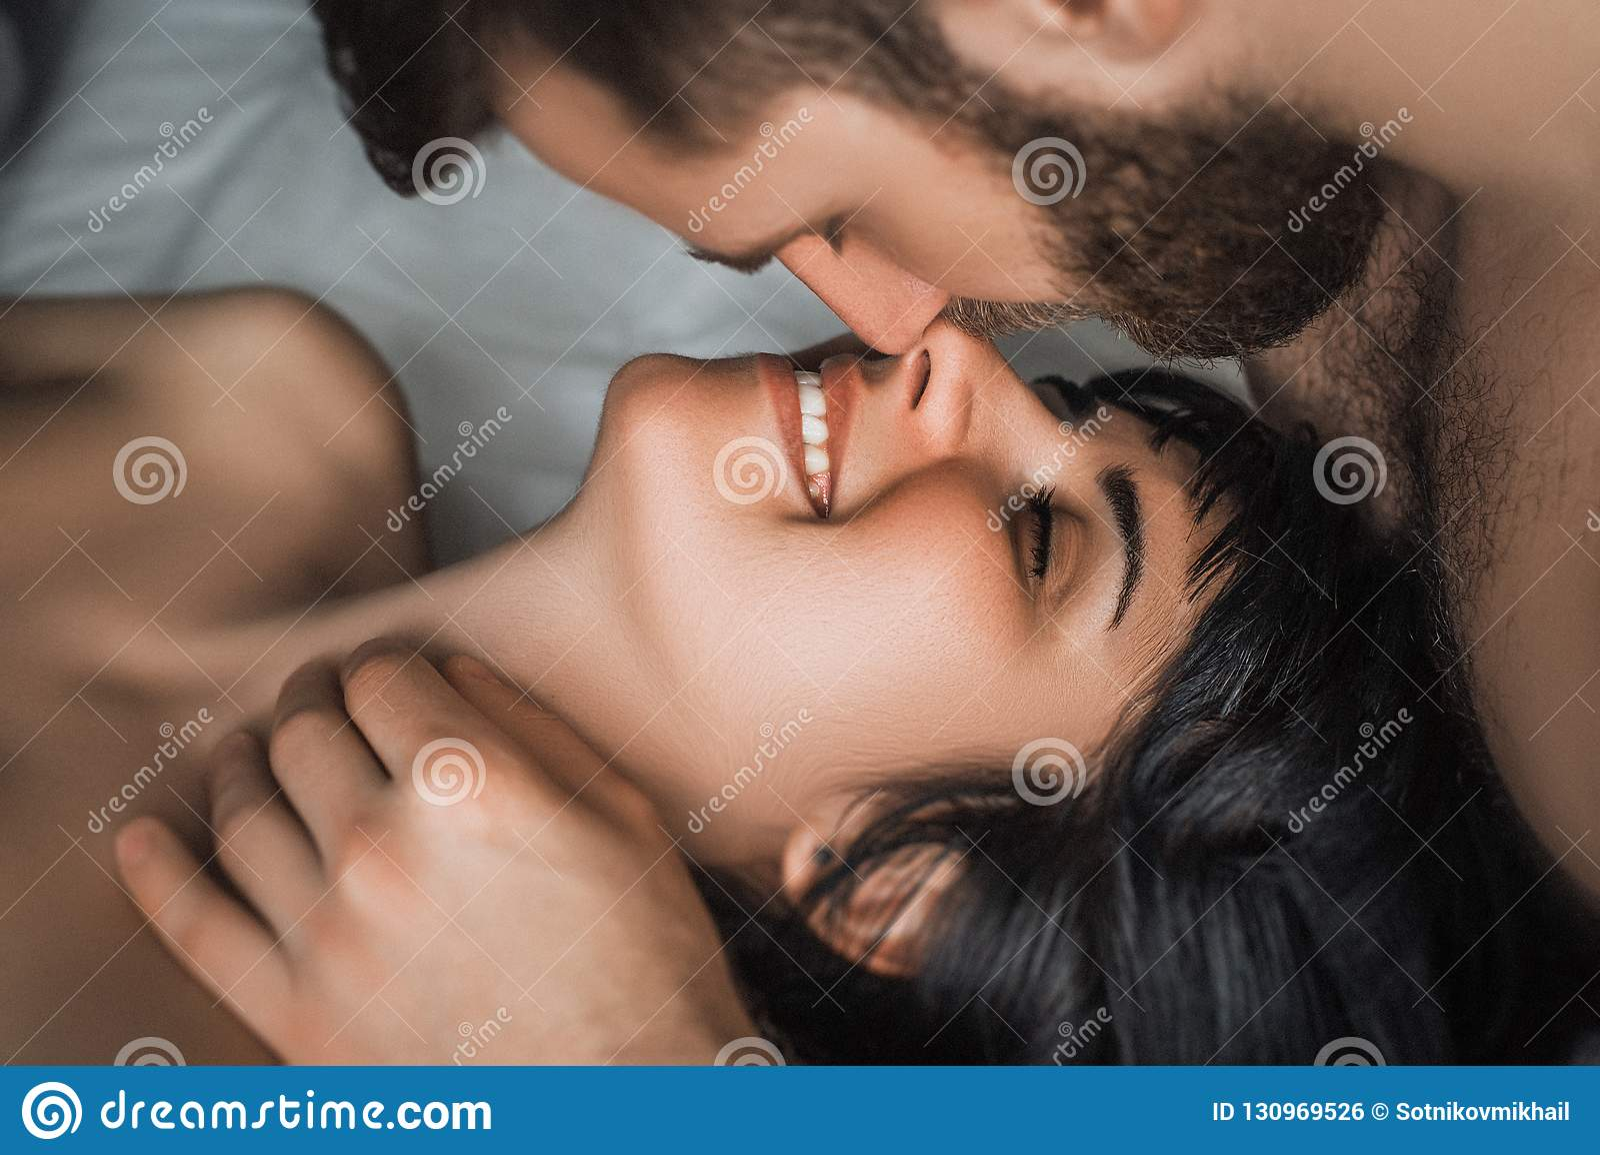 Photos of female erotic zones